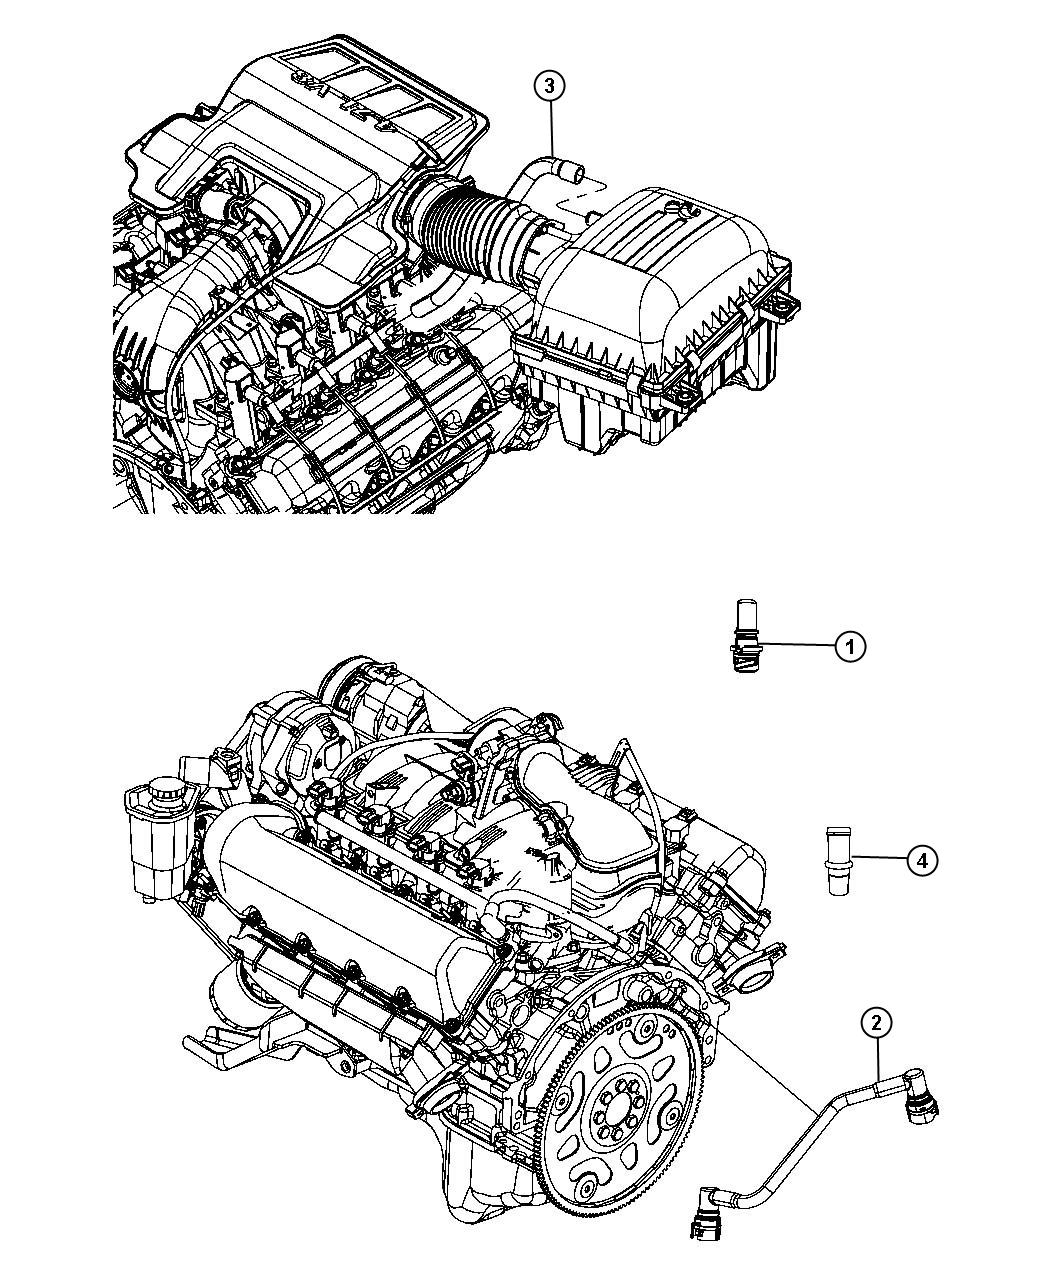 Diagram Dodge Durango Vent Diagram Manual Full Version Hd Quality Diagram Manual Easywiringprok Mormilearredamenti It